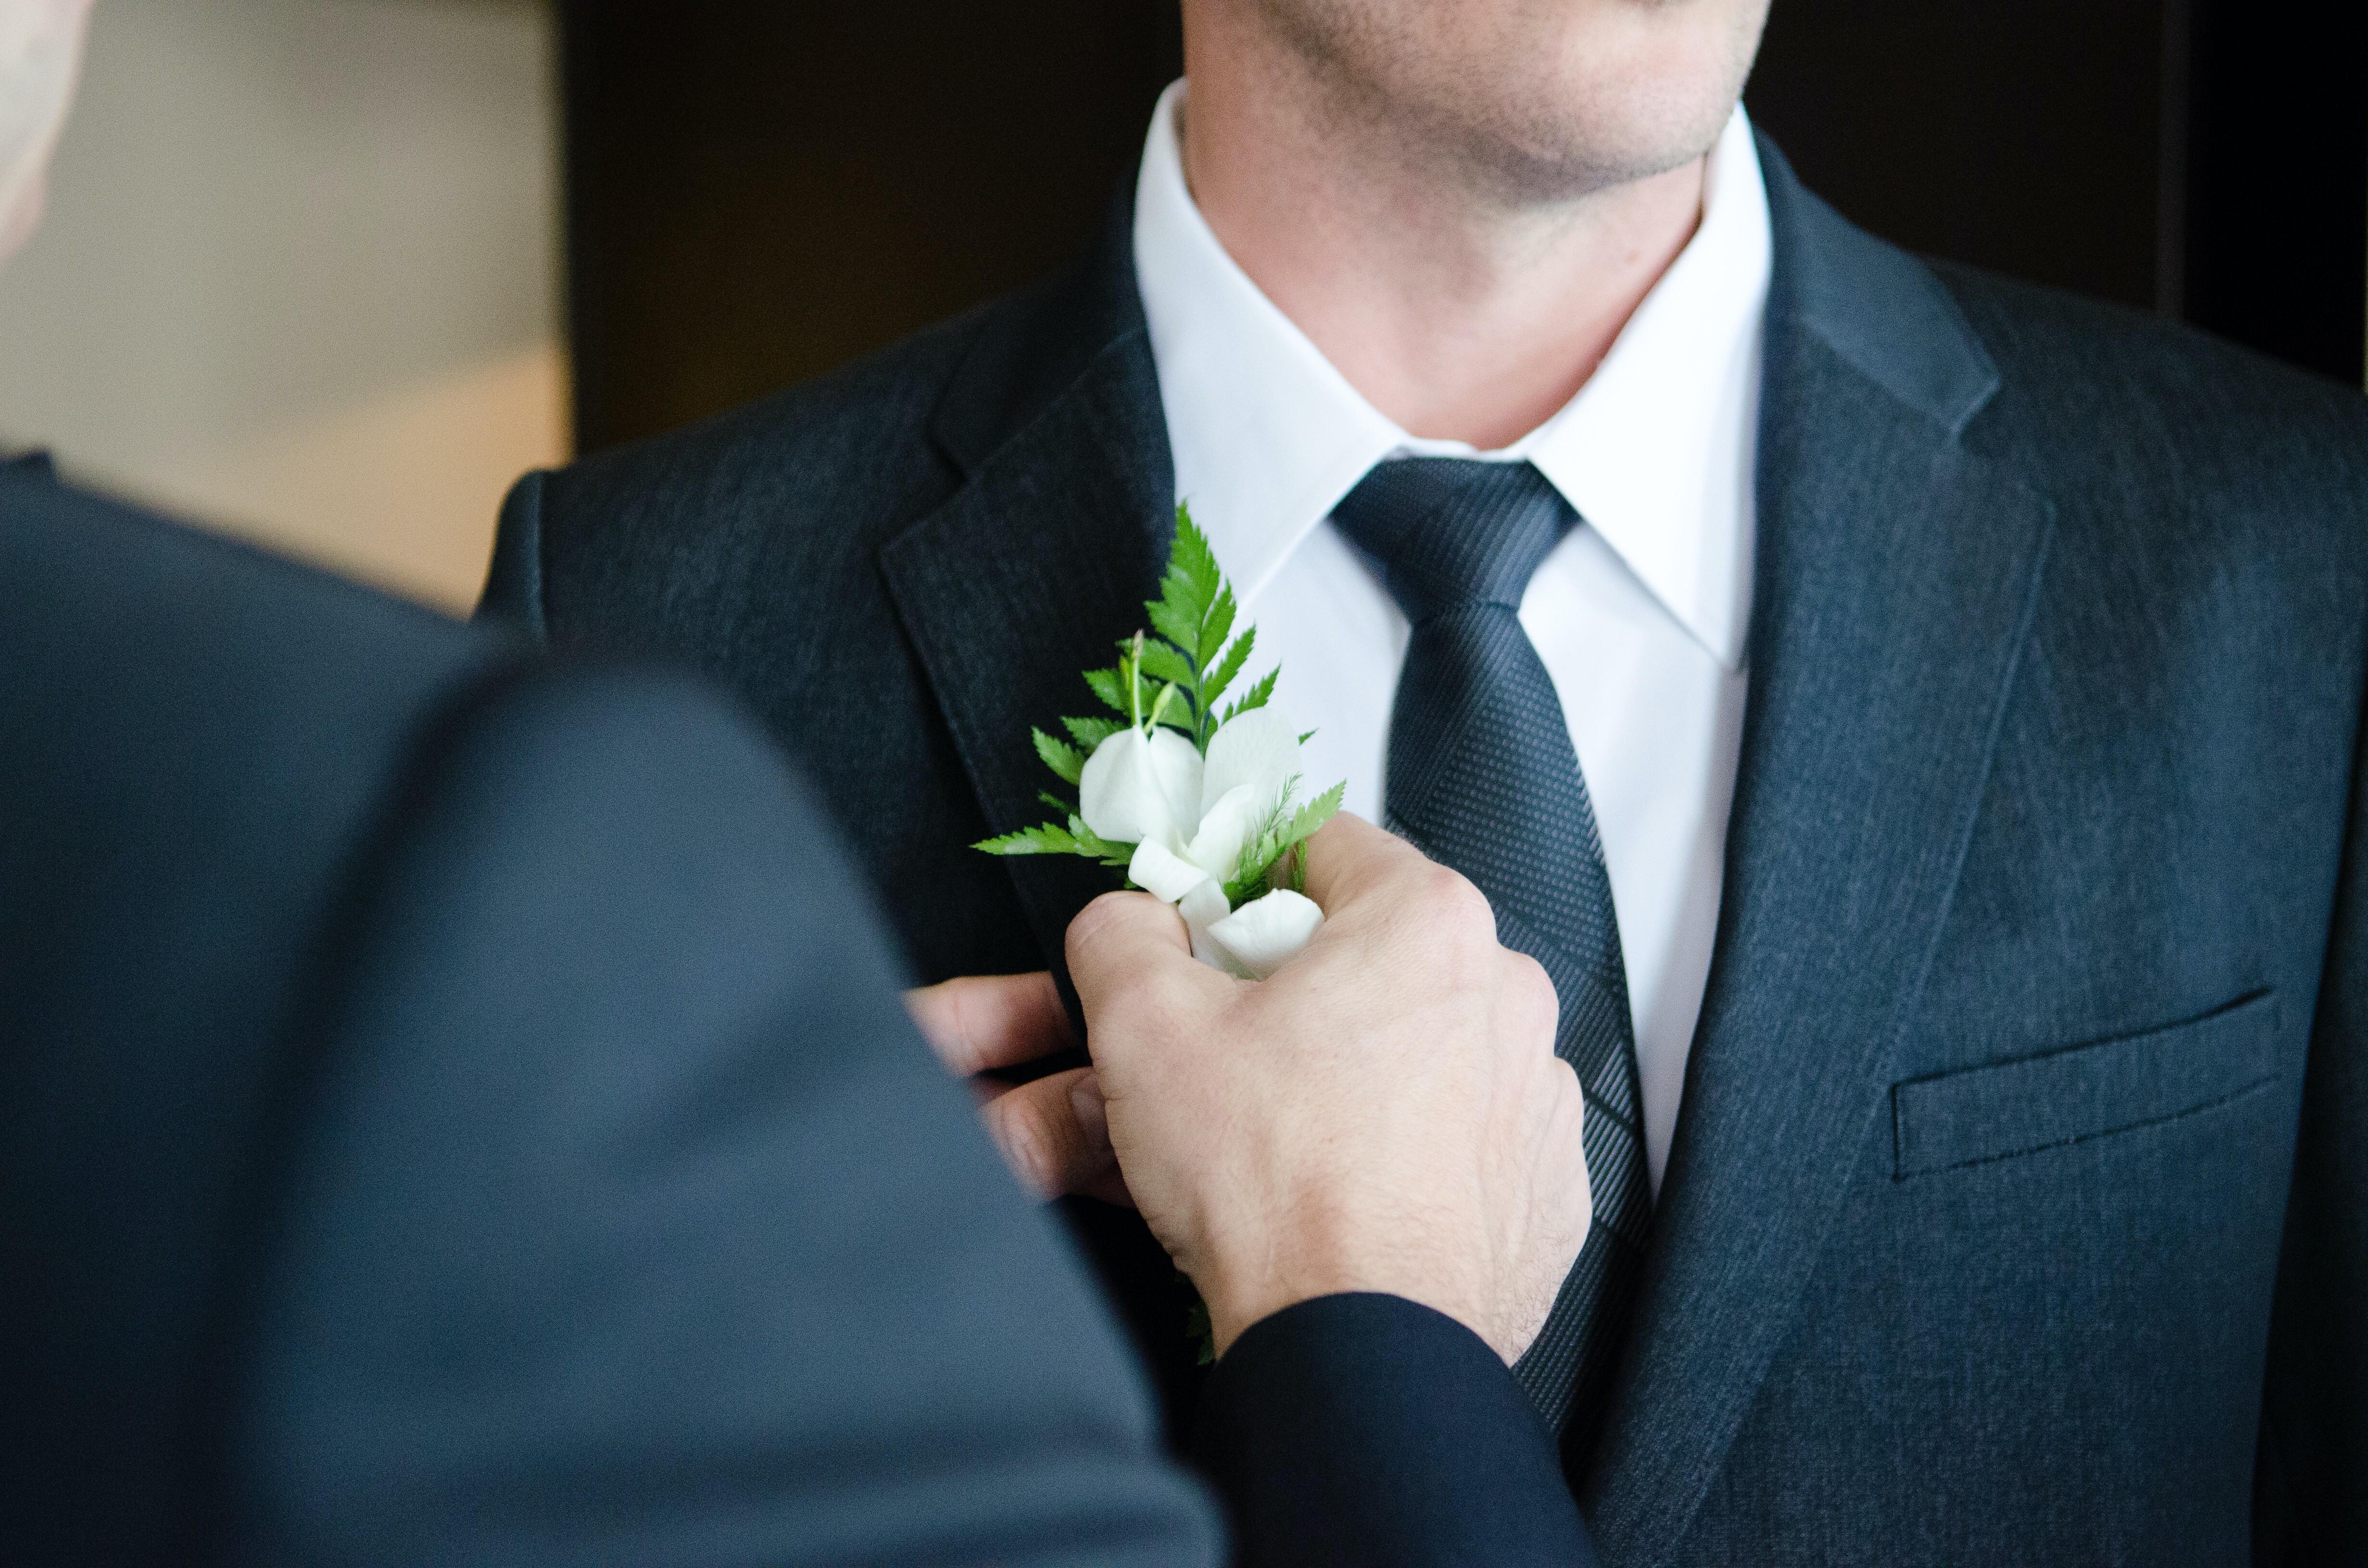 5 мужских имен, обладатели которых быстро разводятся после свадьбы